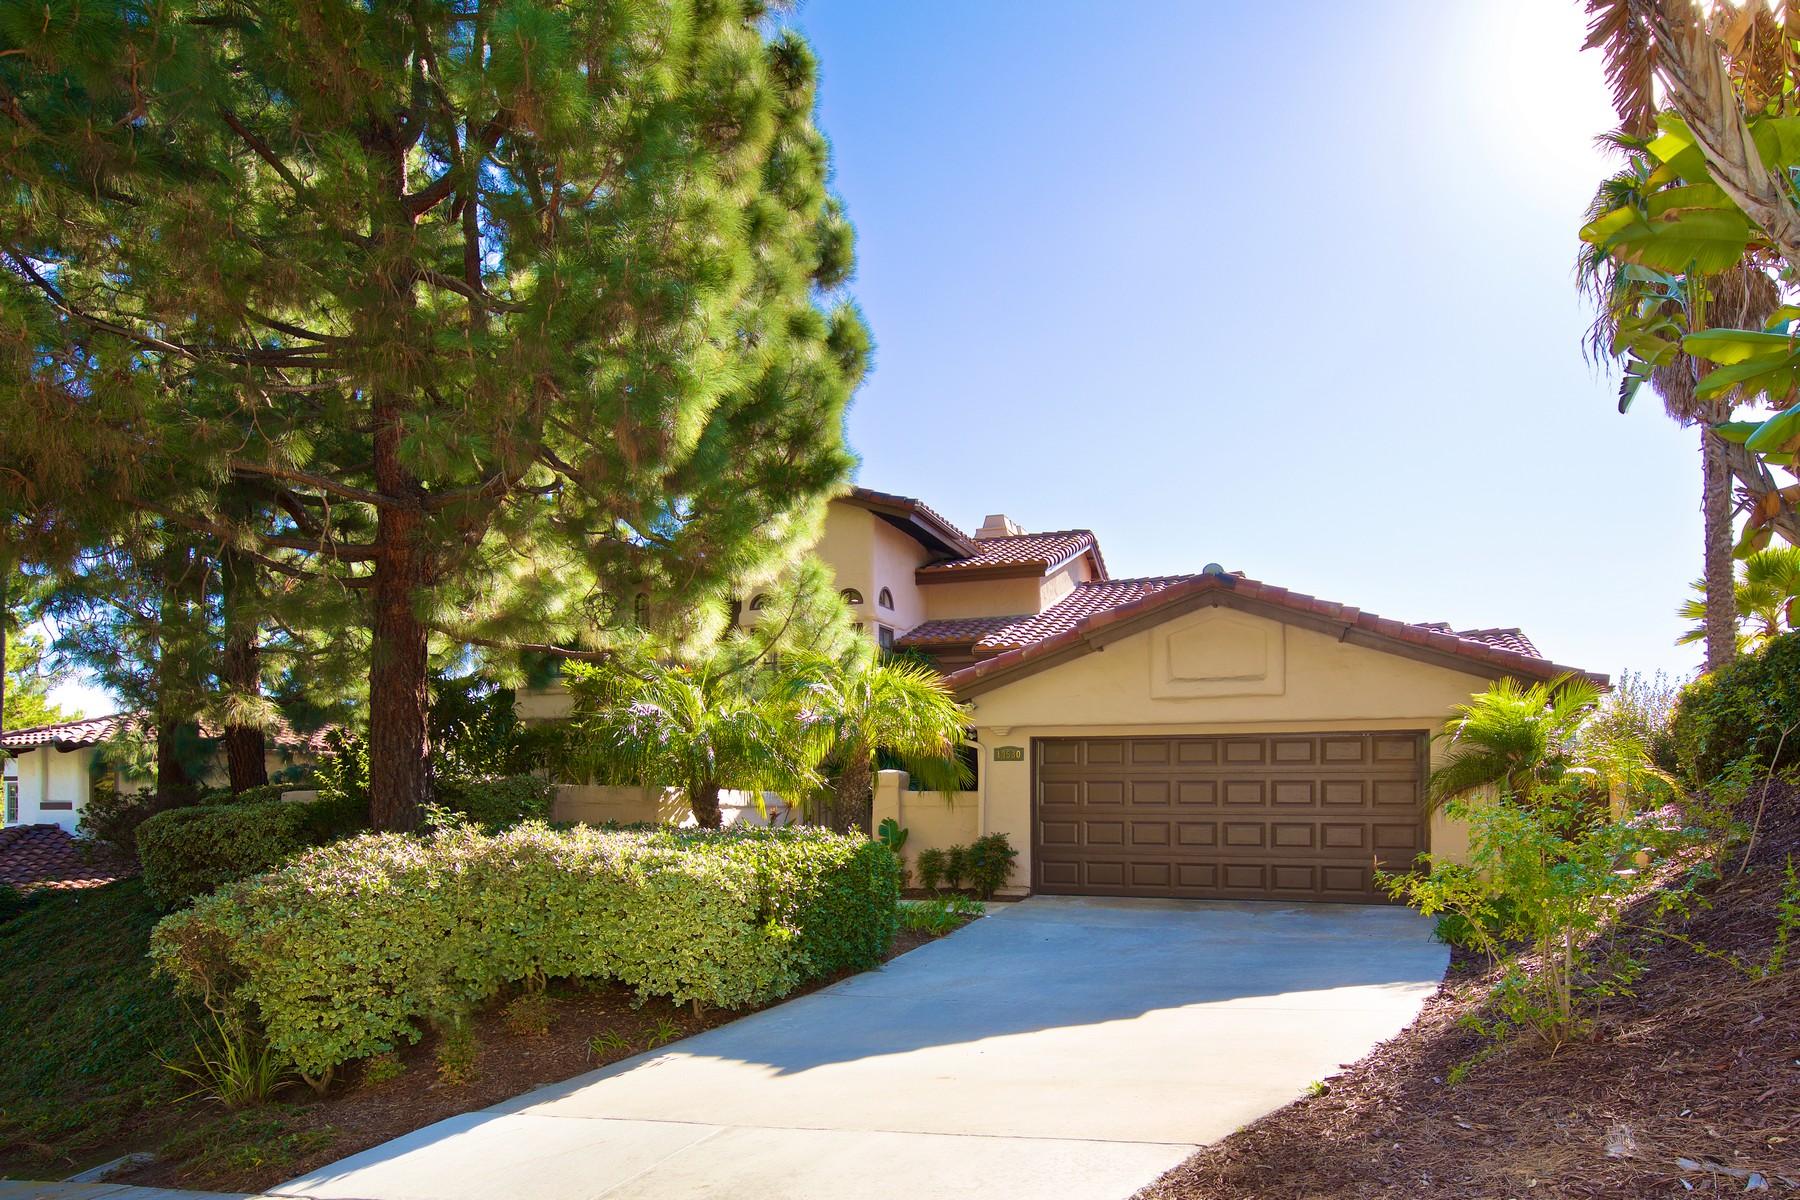 Частный односемейный дом для того Продажа на 14530 Caminito Saragossa Rancho Santa Fe, Калифорния 92067 Соединенные Штаты